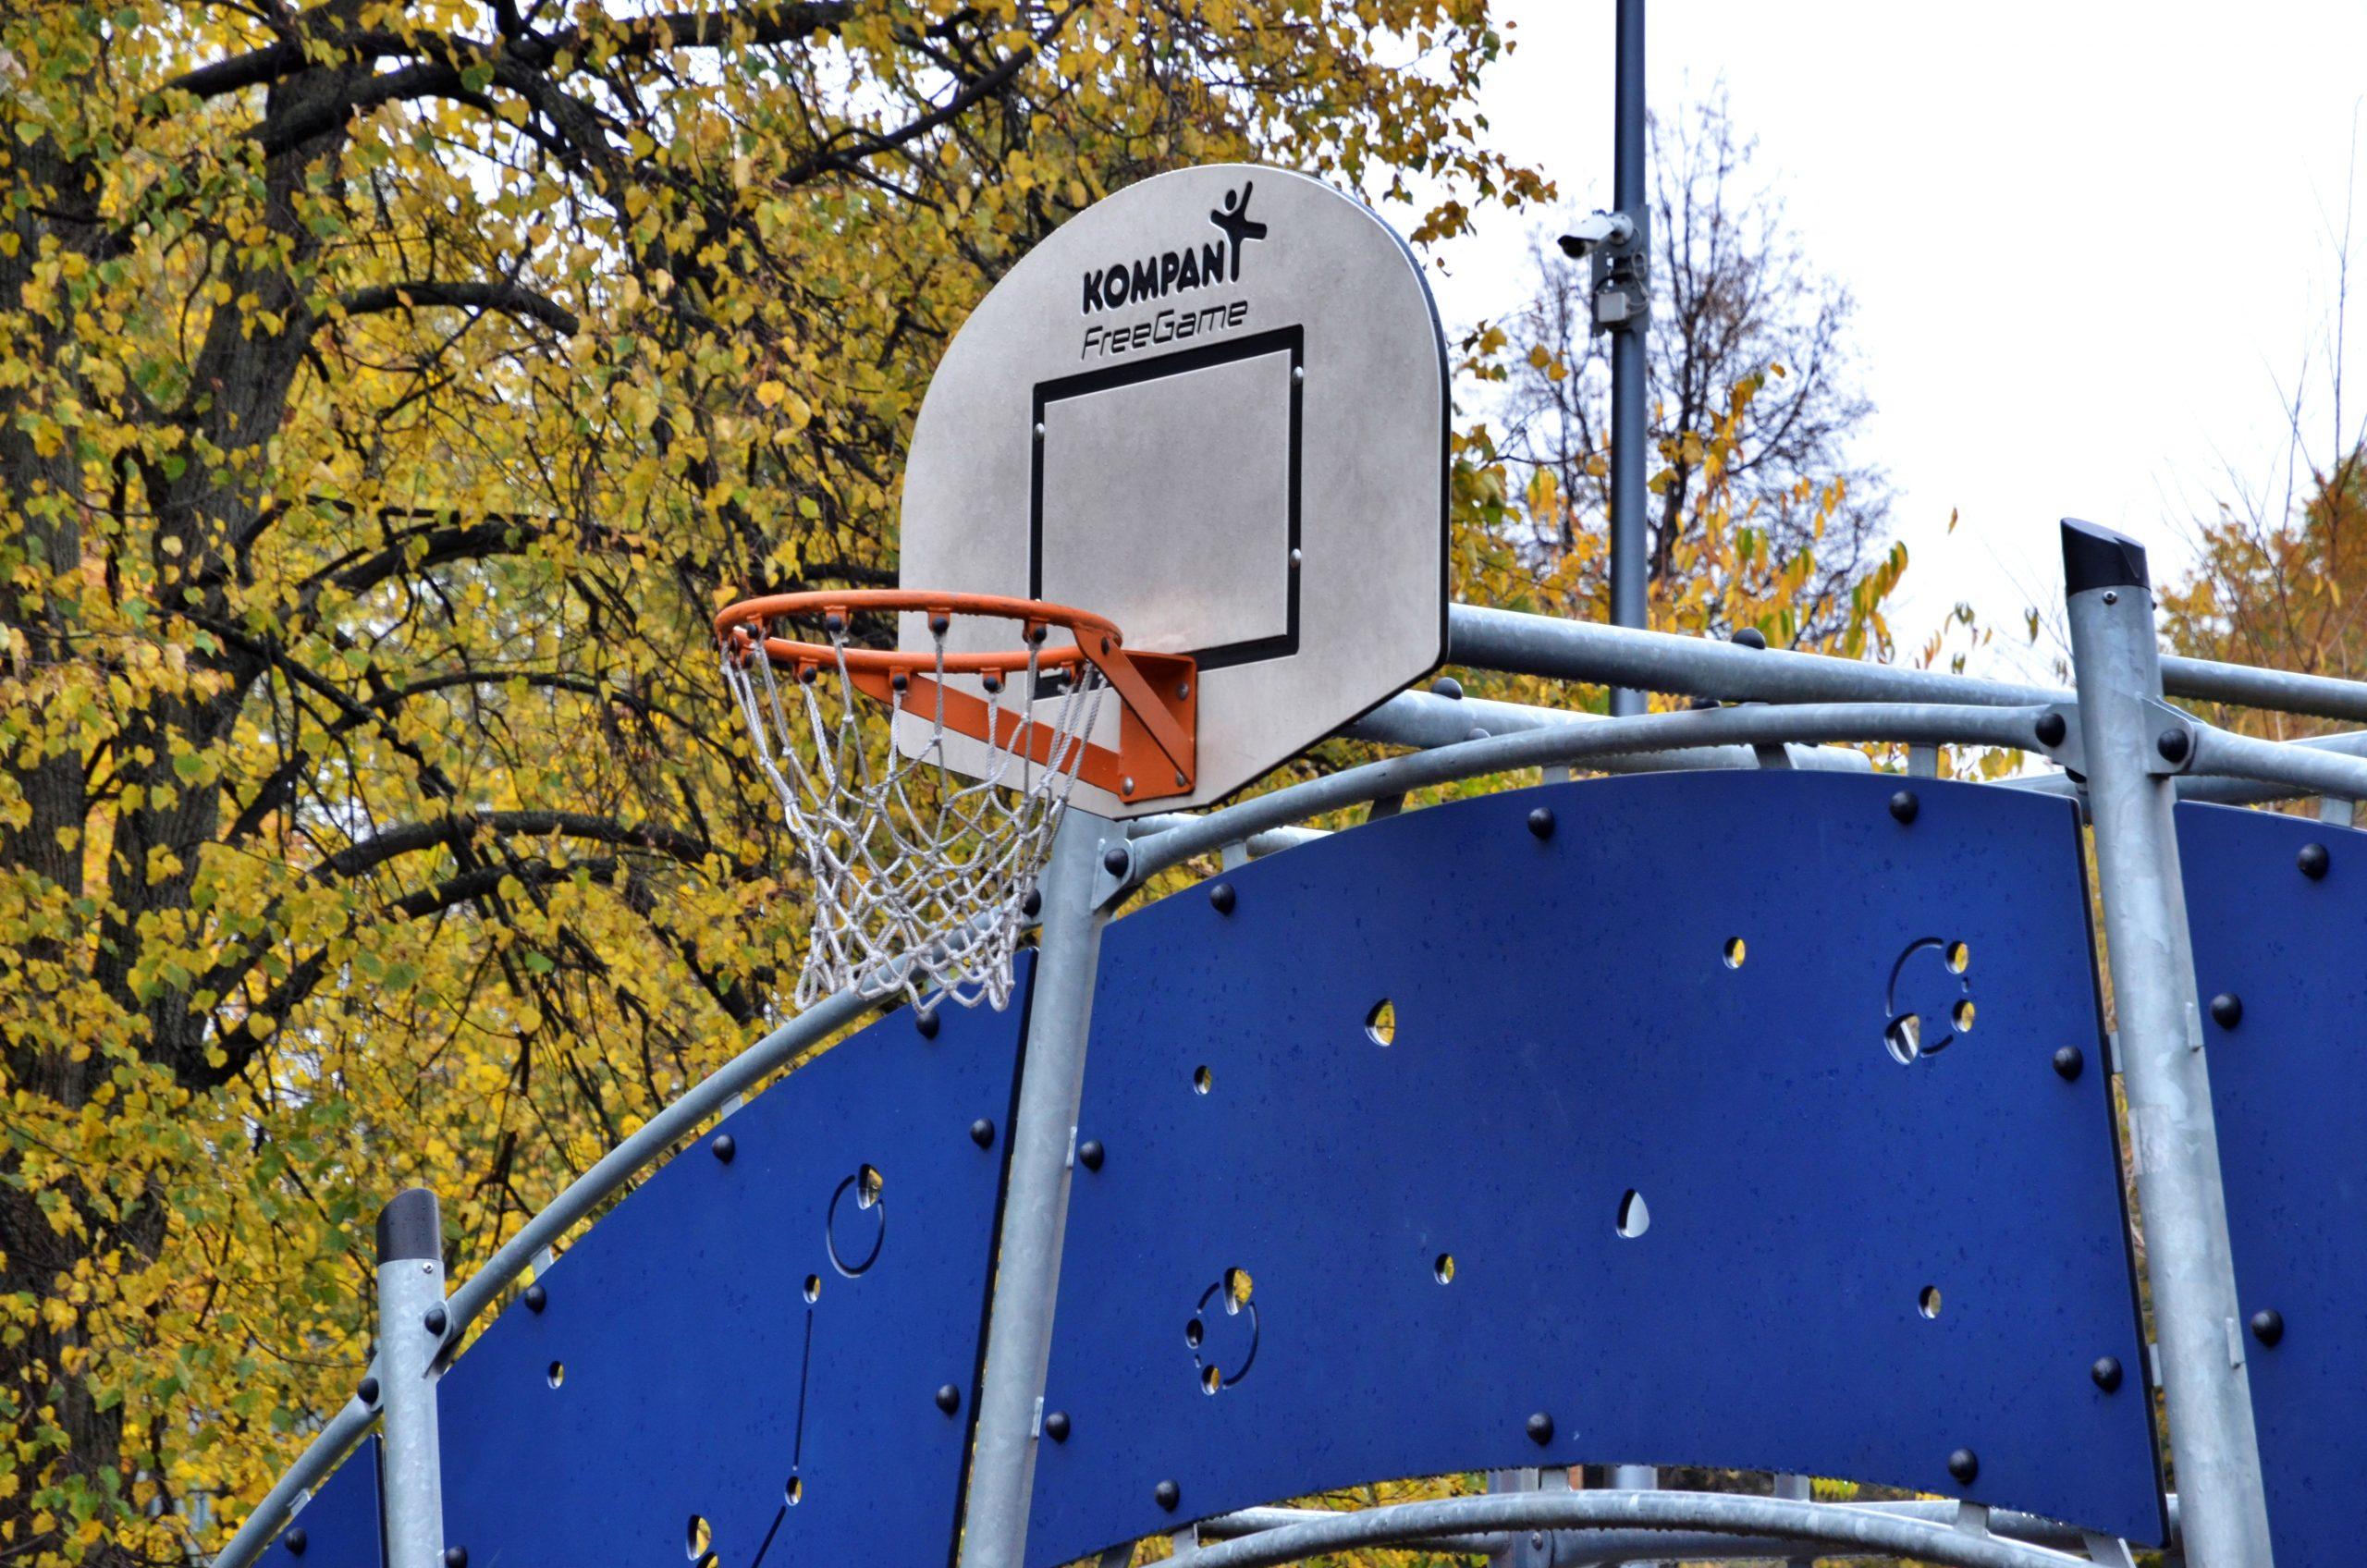 Жителям столицы рассказали как НКО помогают бесплатно заниматься спортом. Фото: Анна Быкова